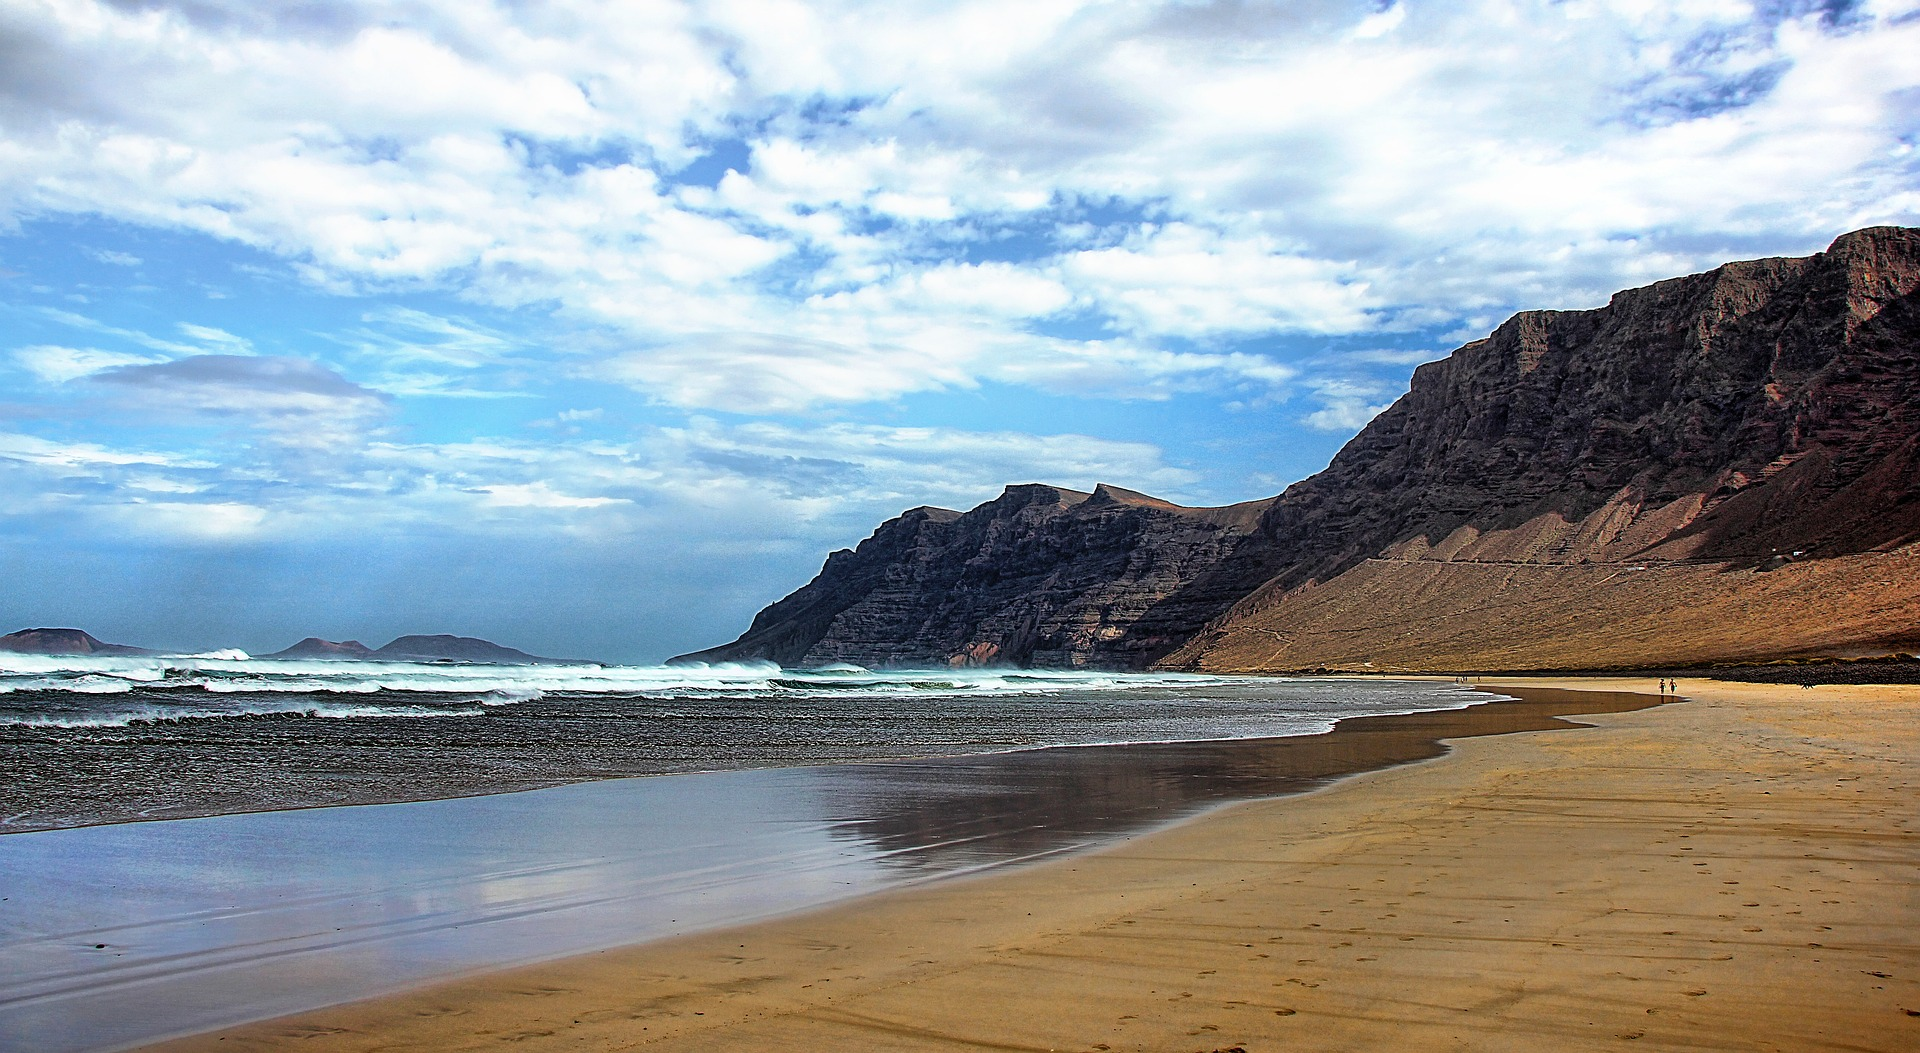 Lanzarote Billigflüge ab 4,38€ auf die Kanaren fliegen Flugdeals